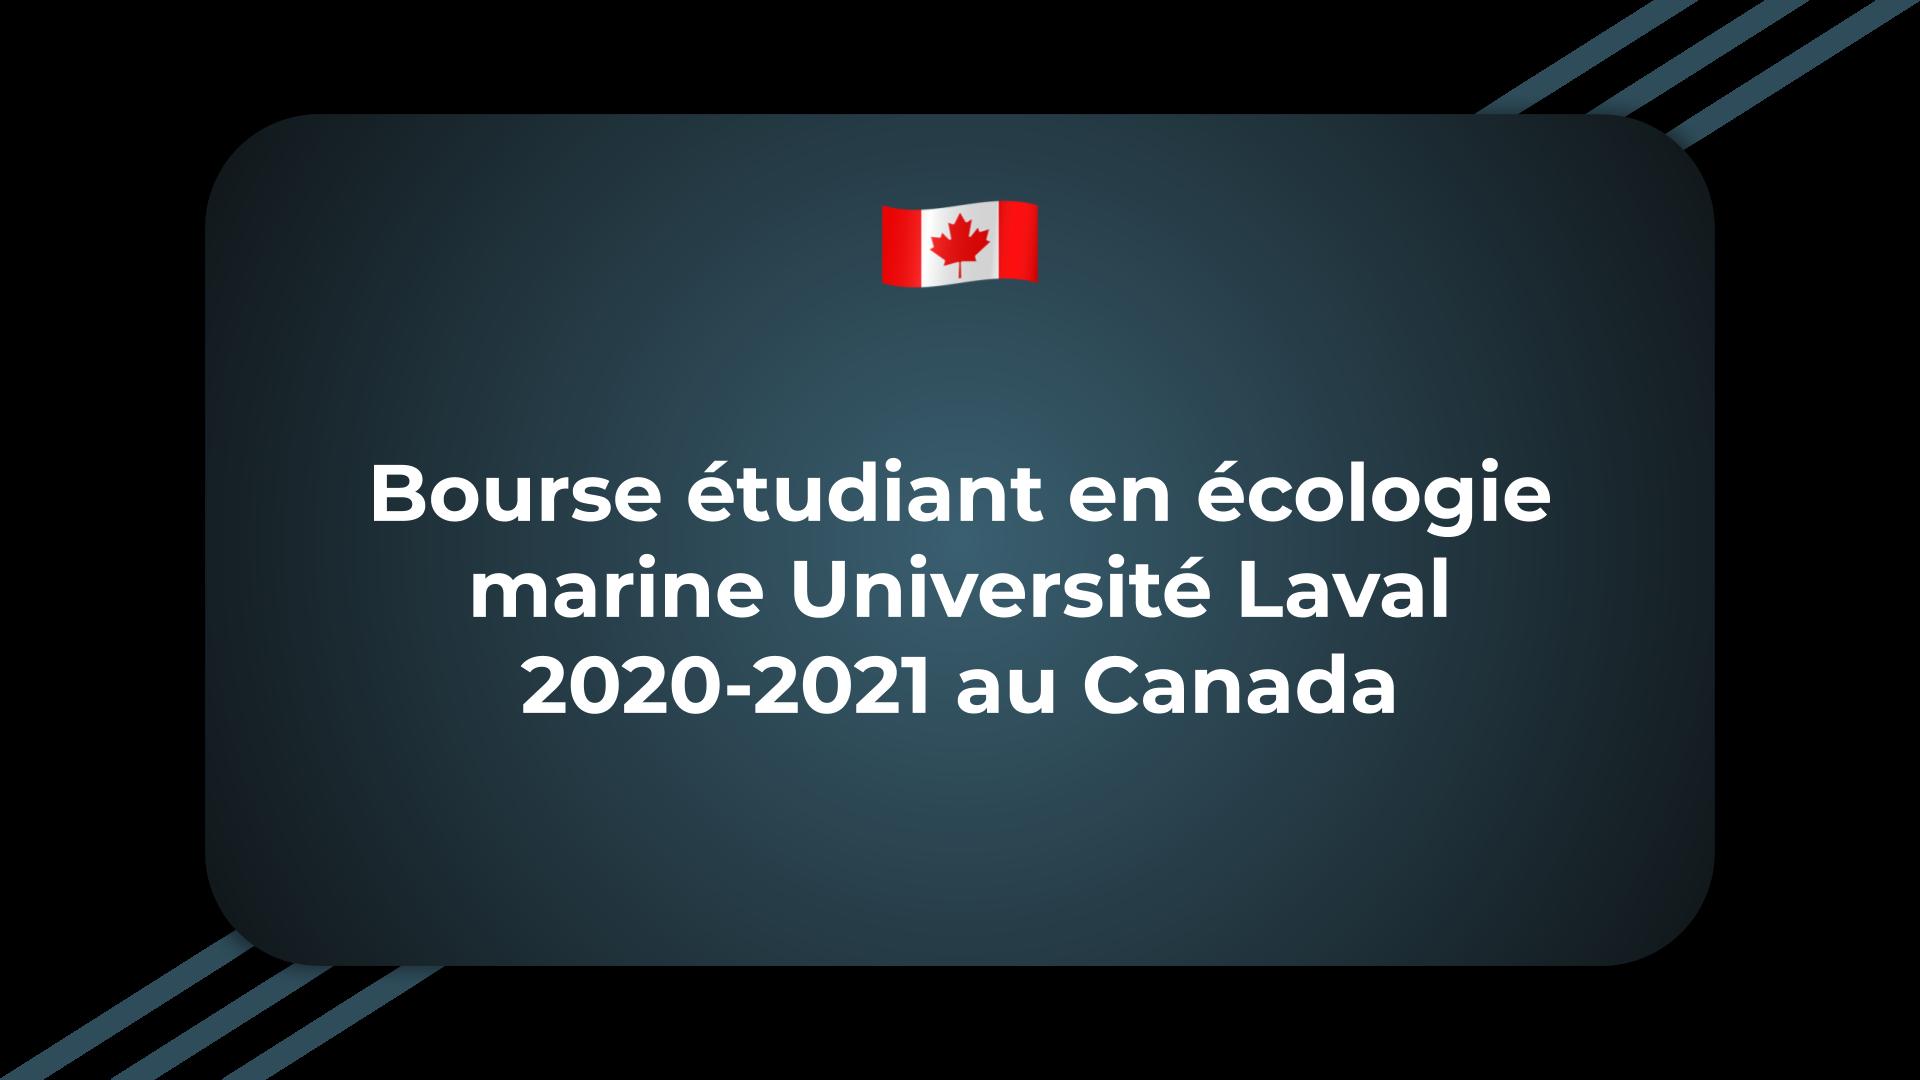 Bourse étudiant en écologie marine Université Laval